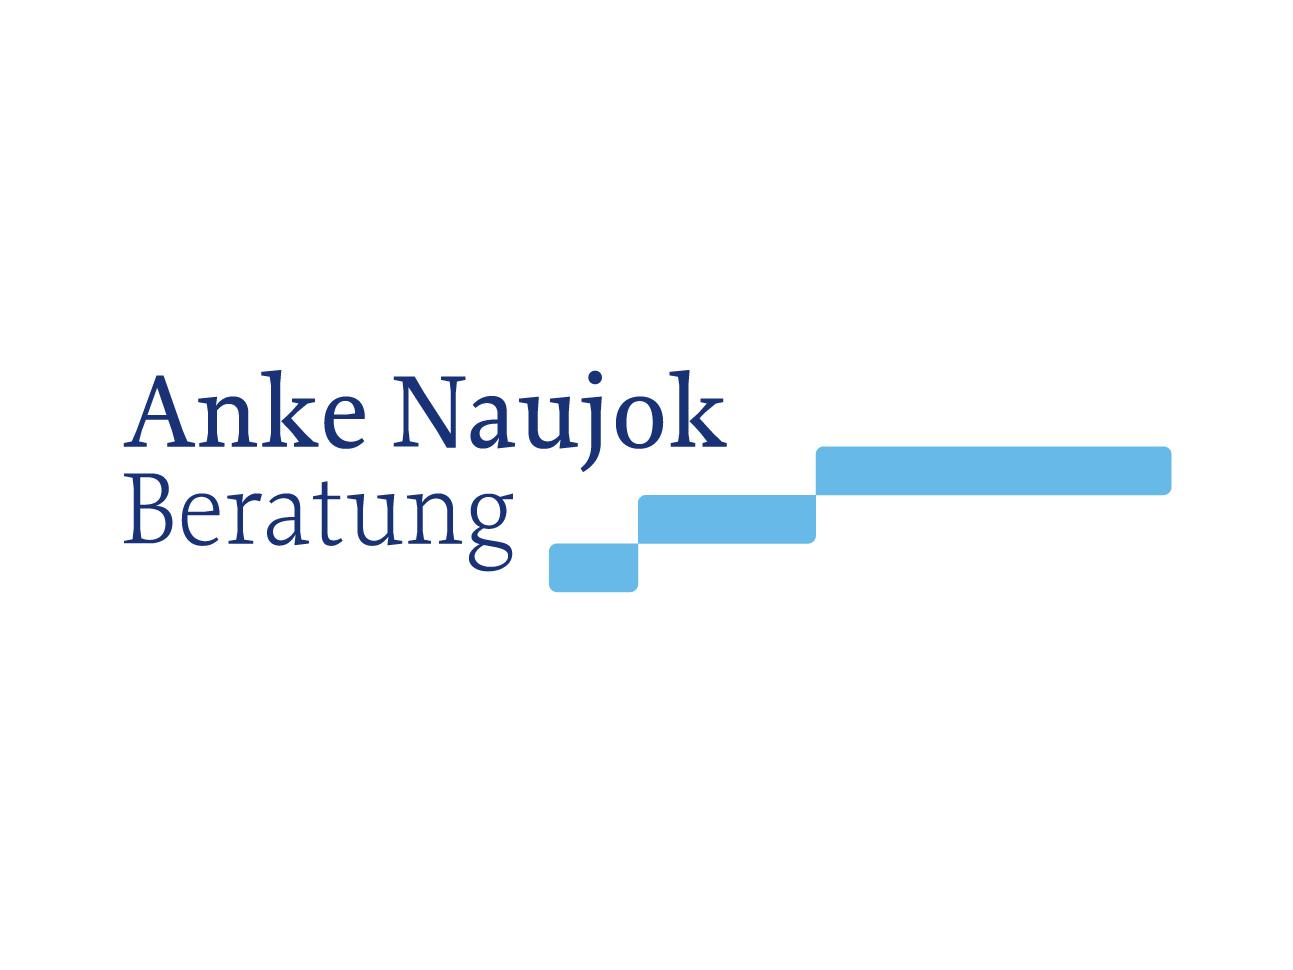 martin_zech_design_corporate_design_anke_naujok_beratung_logo